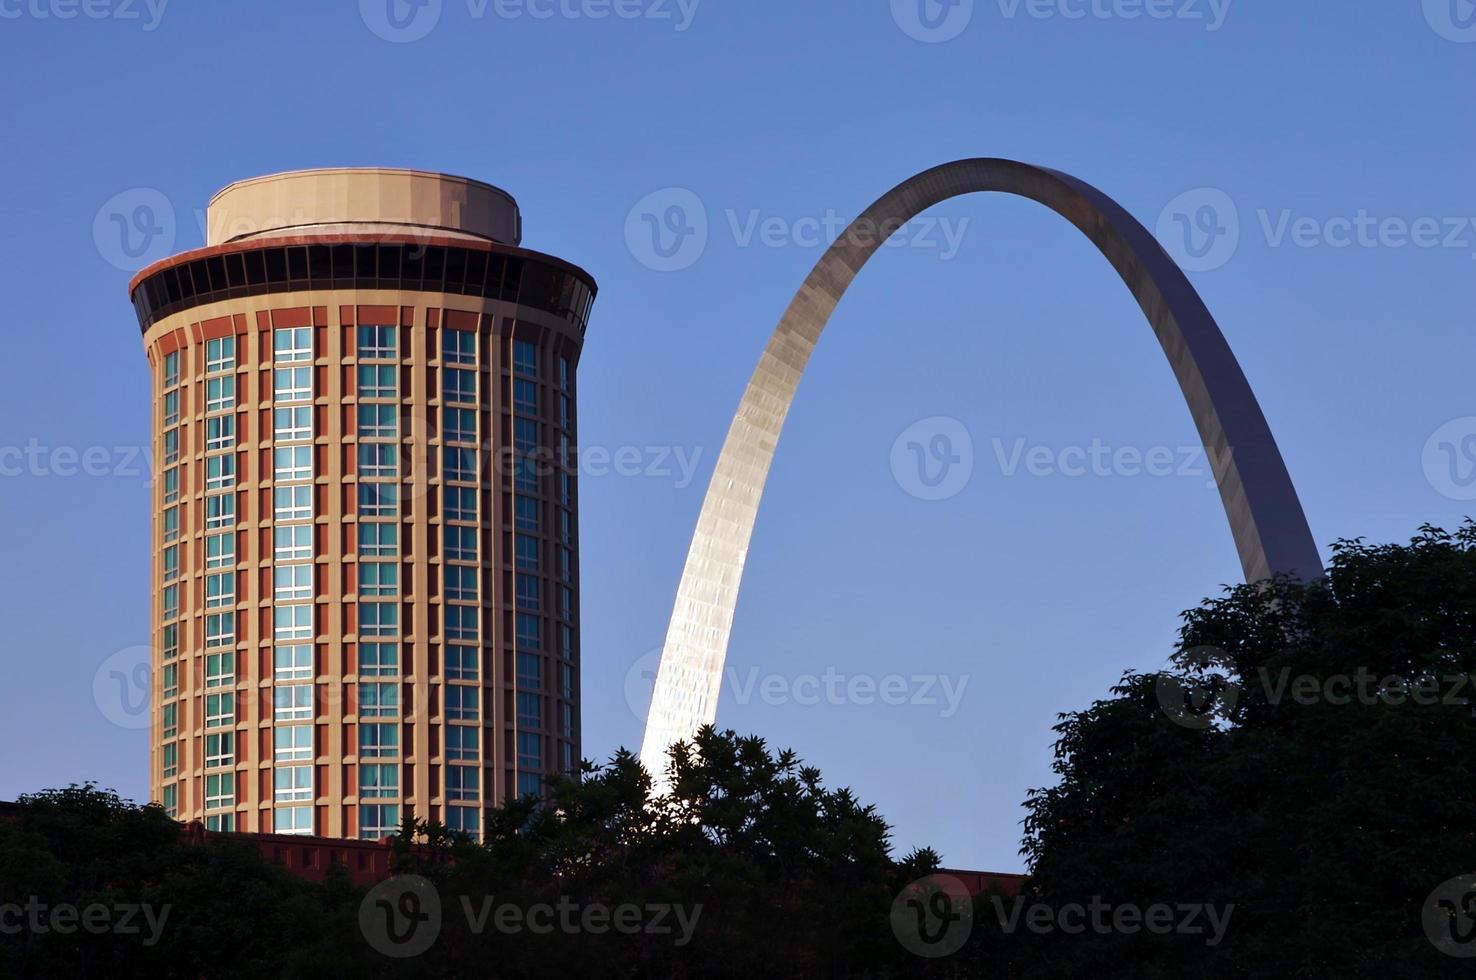 St. Louis Arch photo